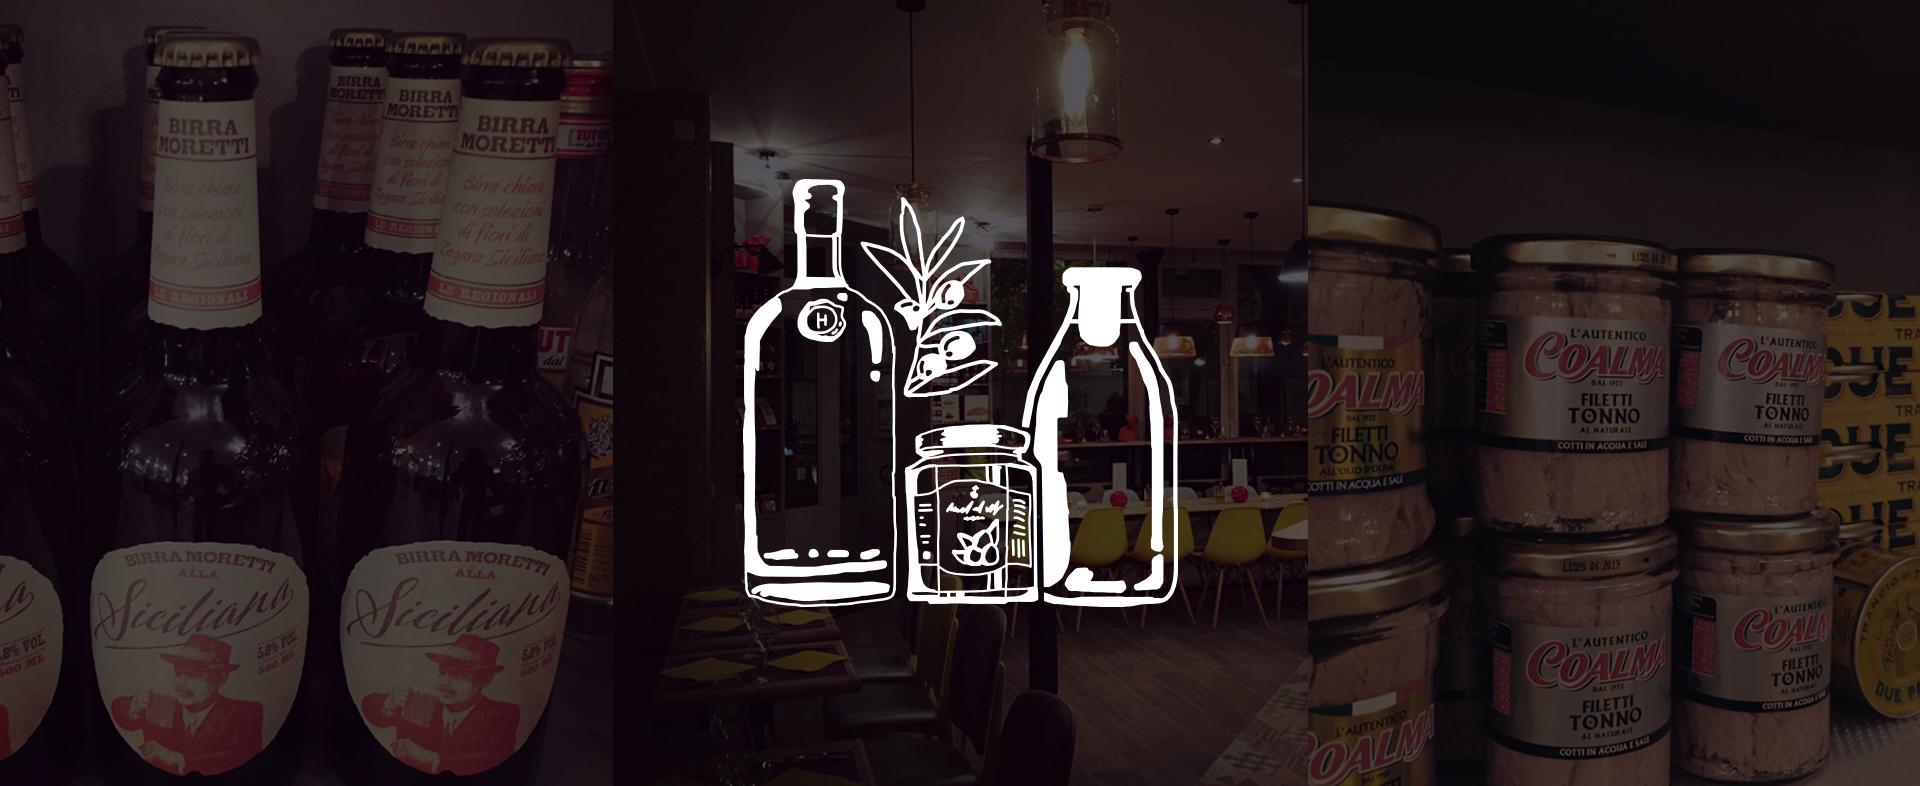 scene_concept_alimentari